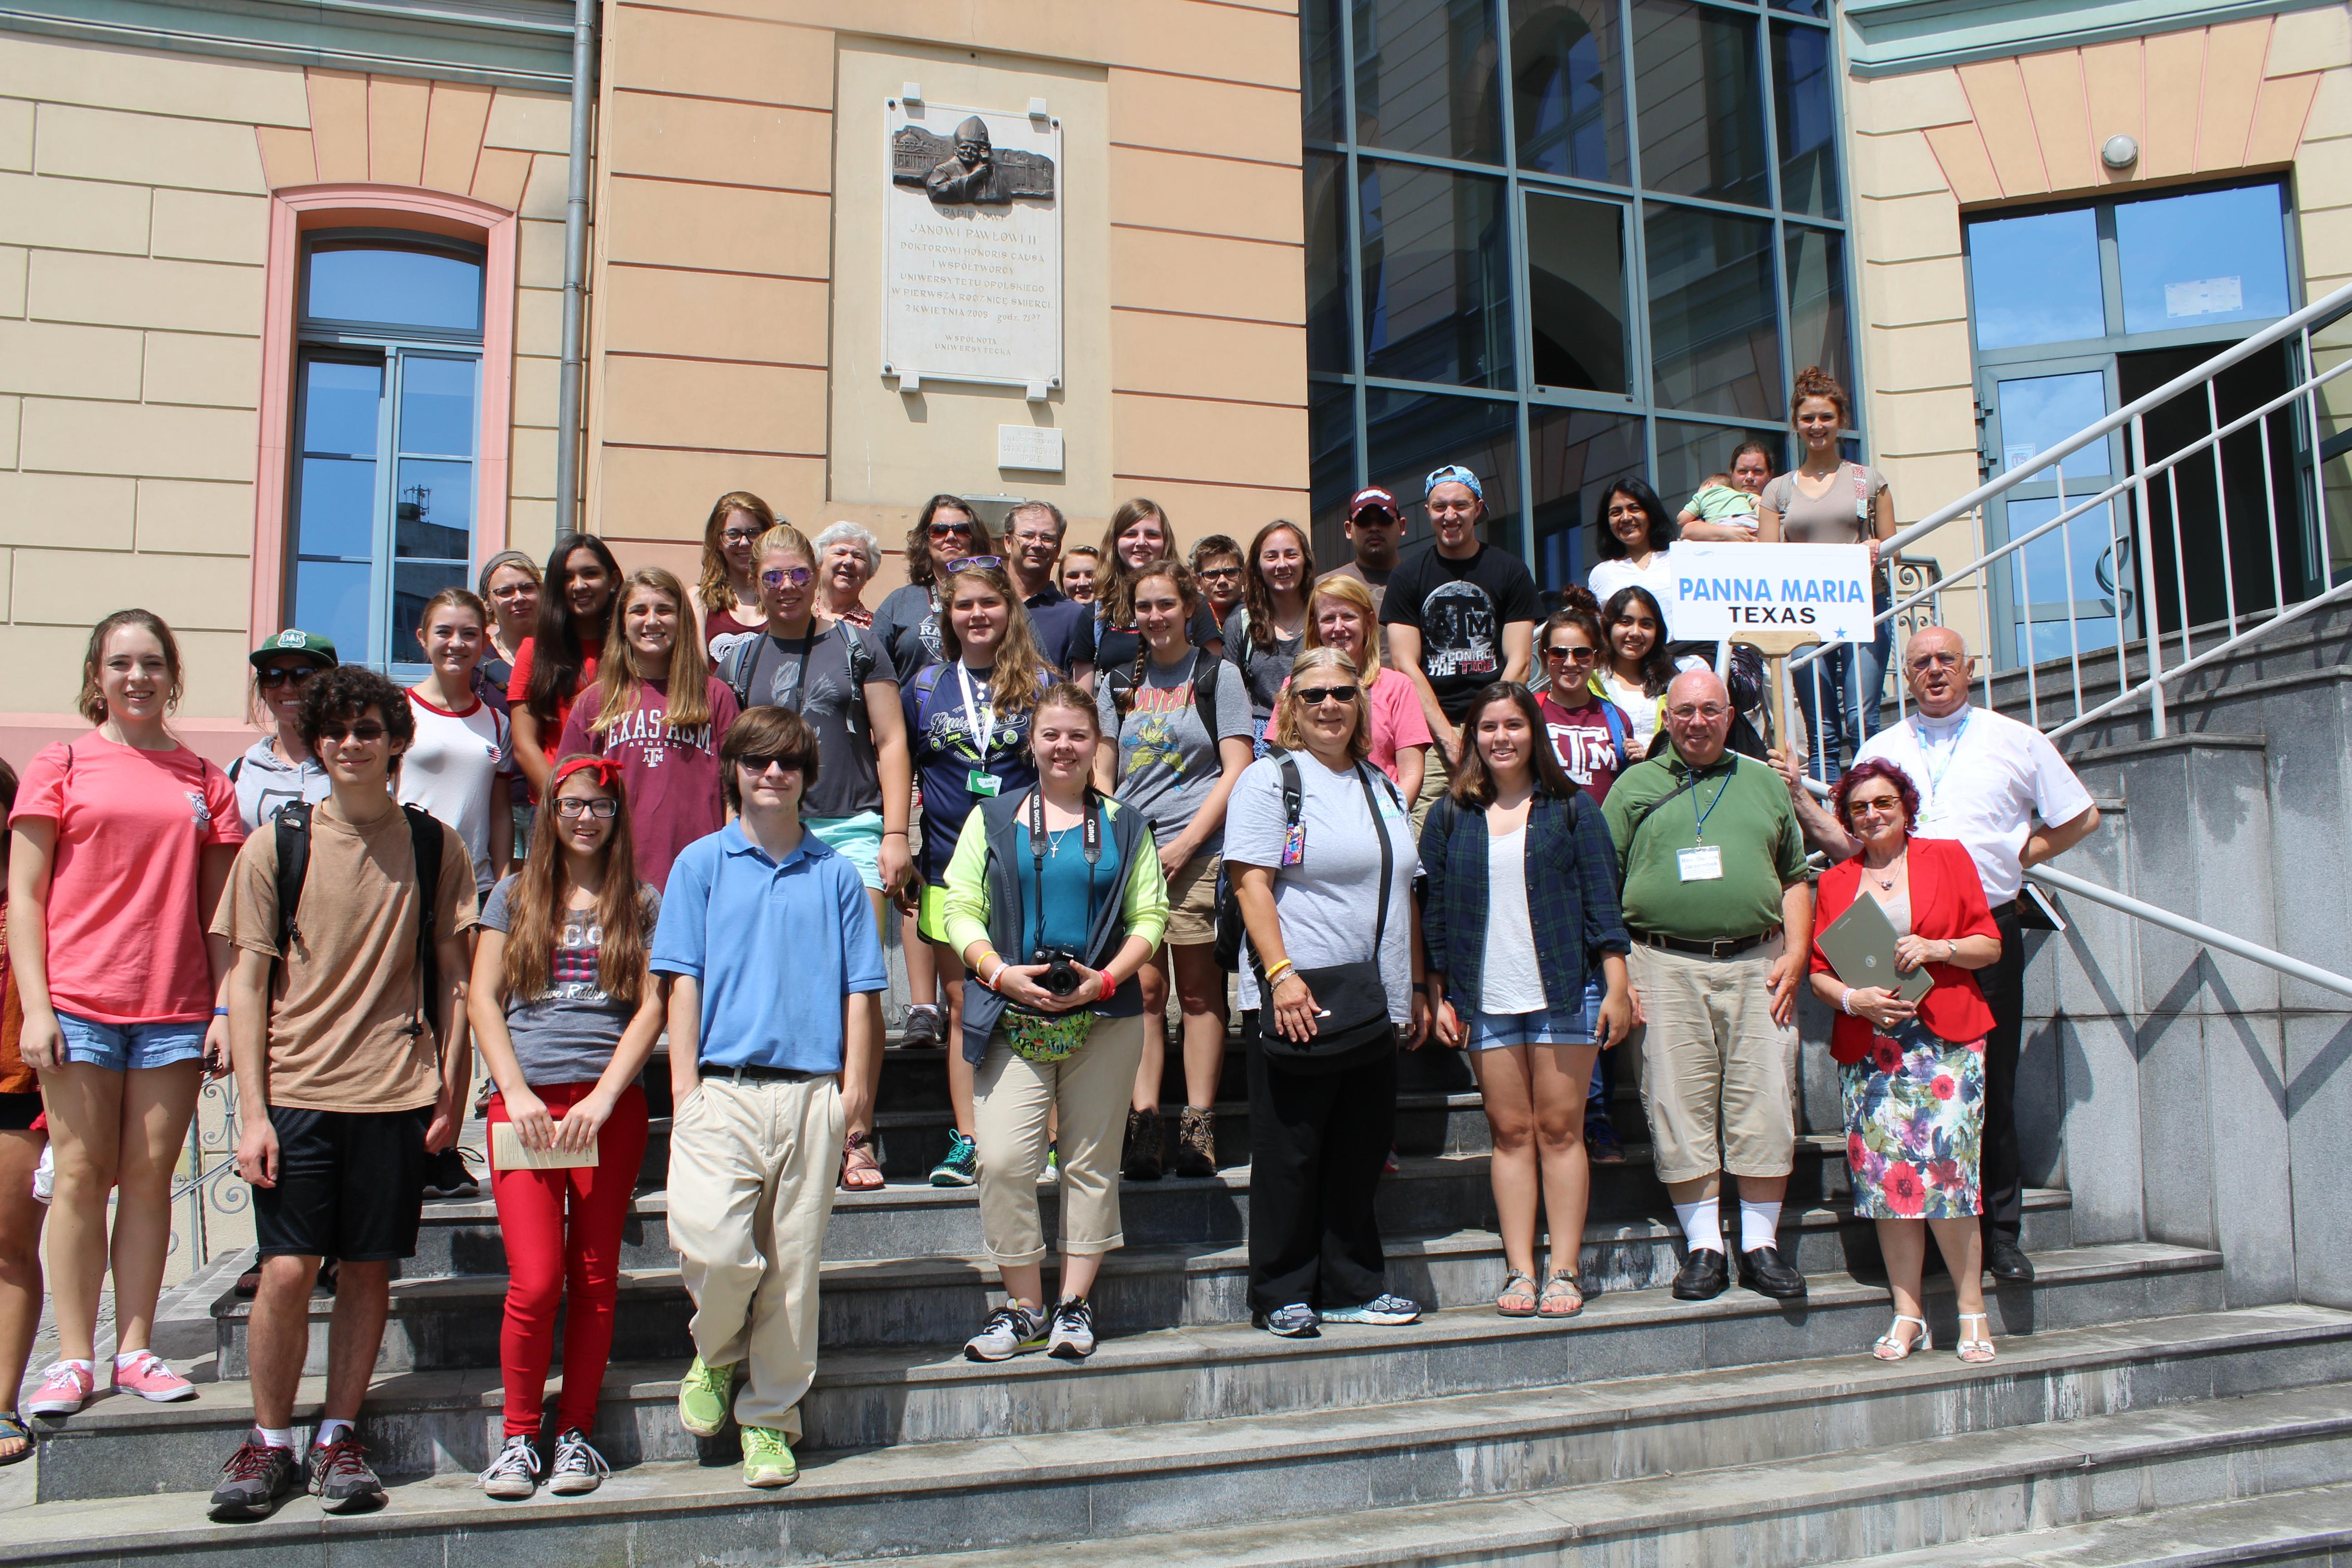 Uczestnicy  Światowych Dni Młodzieży z parafii Panna Maria w Teksasie podczas pobytu w Muzeum UO i na Wzgórzu Uniwersyteckim, 27.07.2016 r.